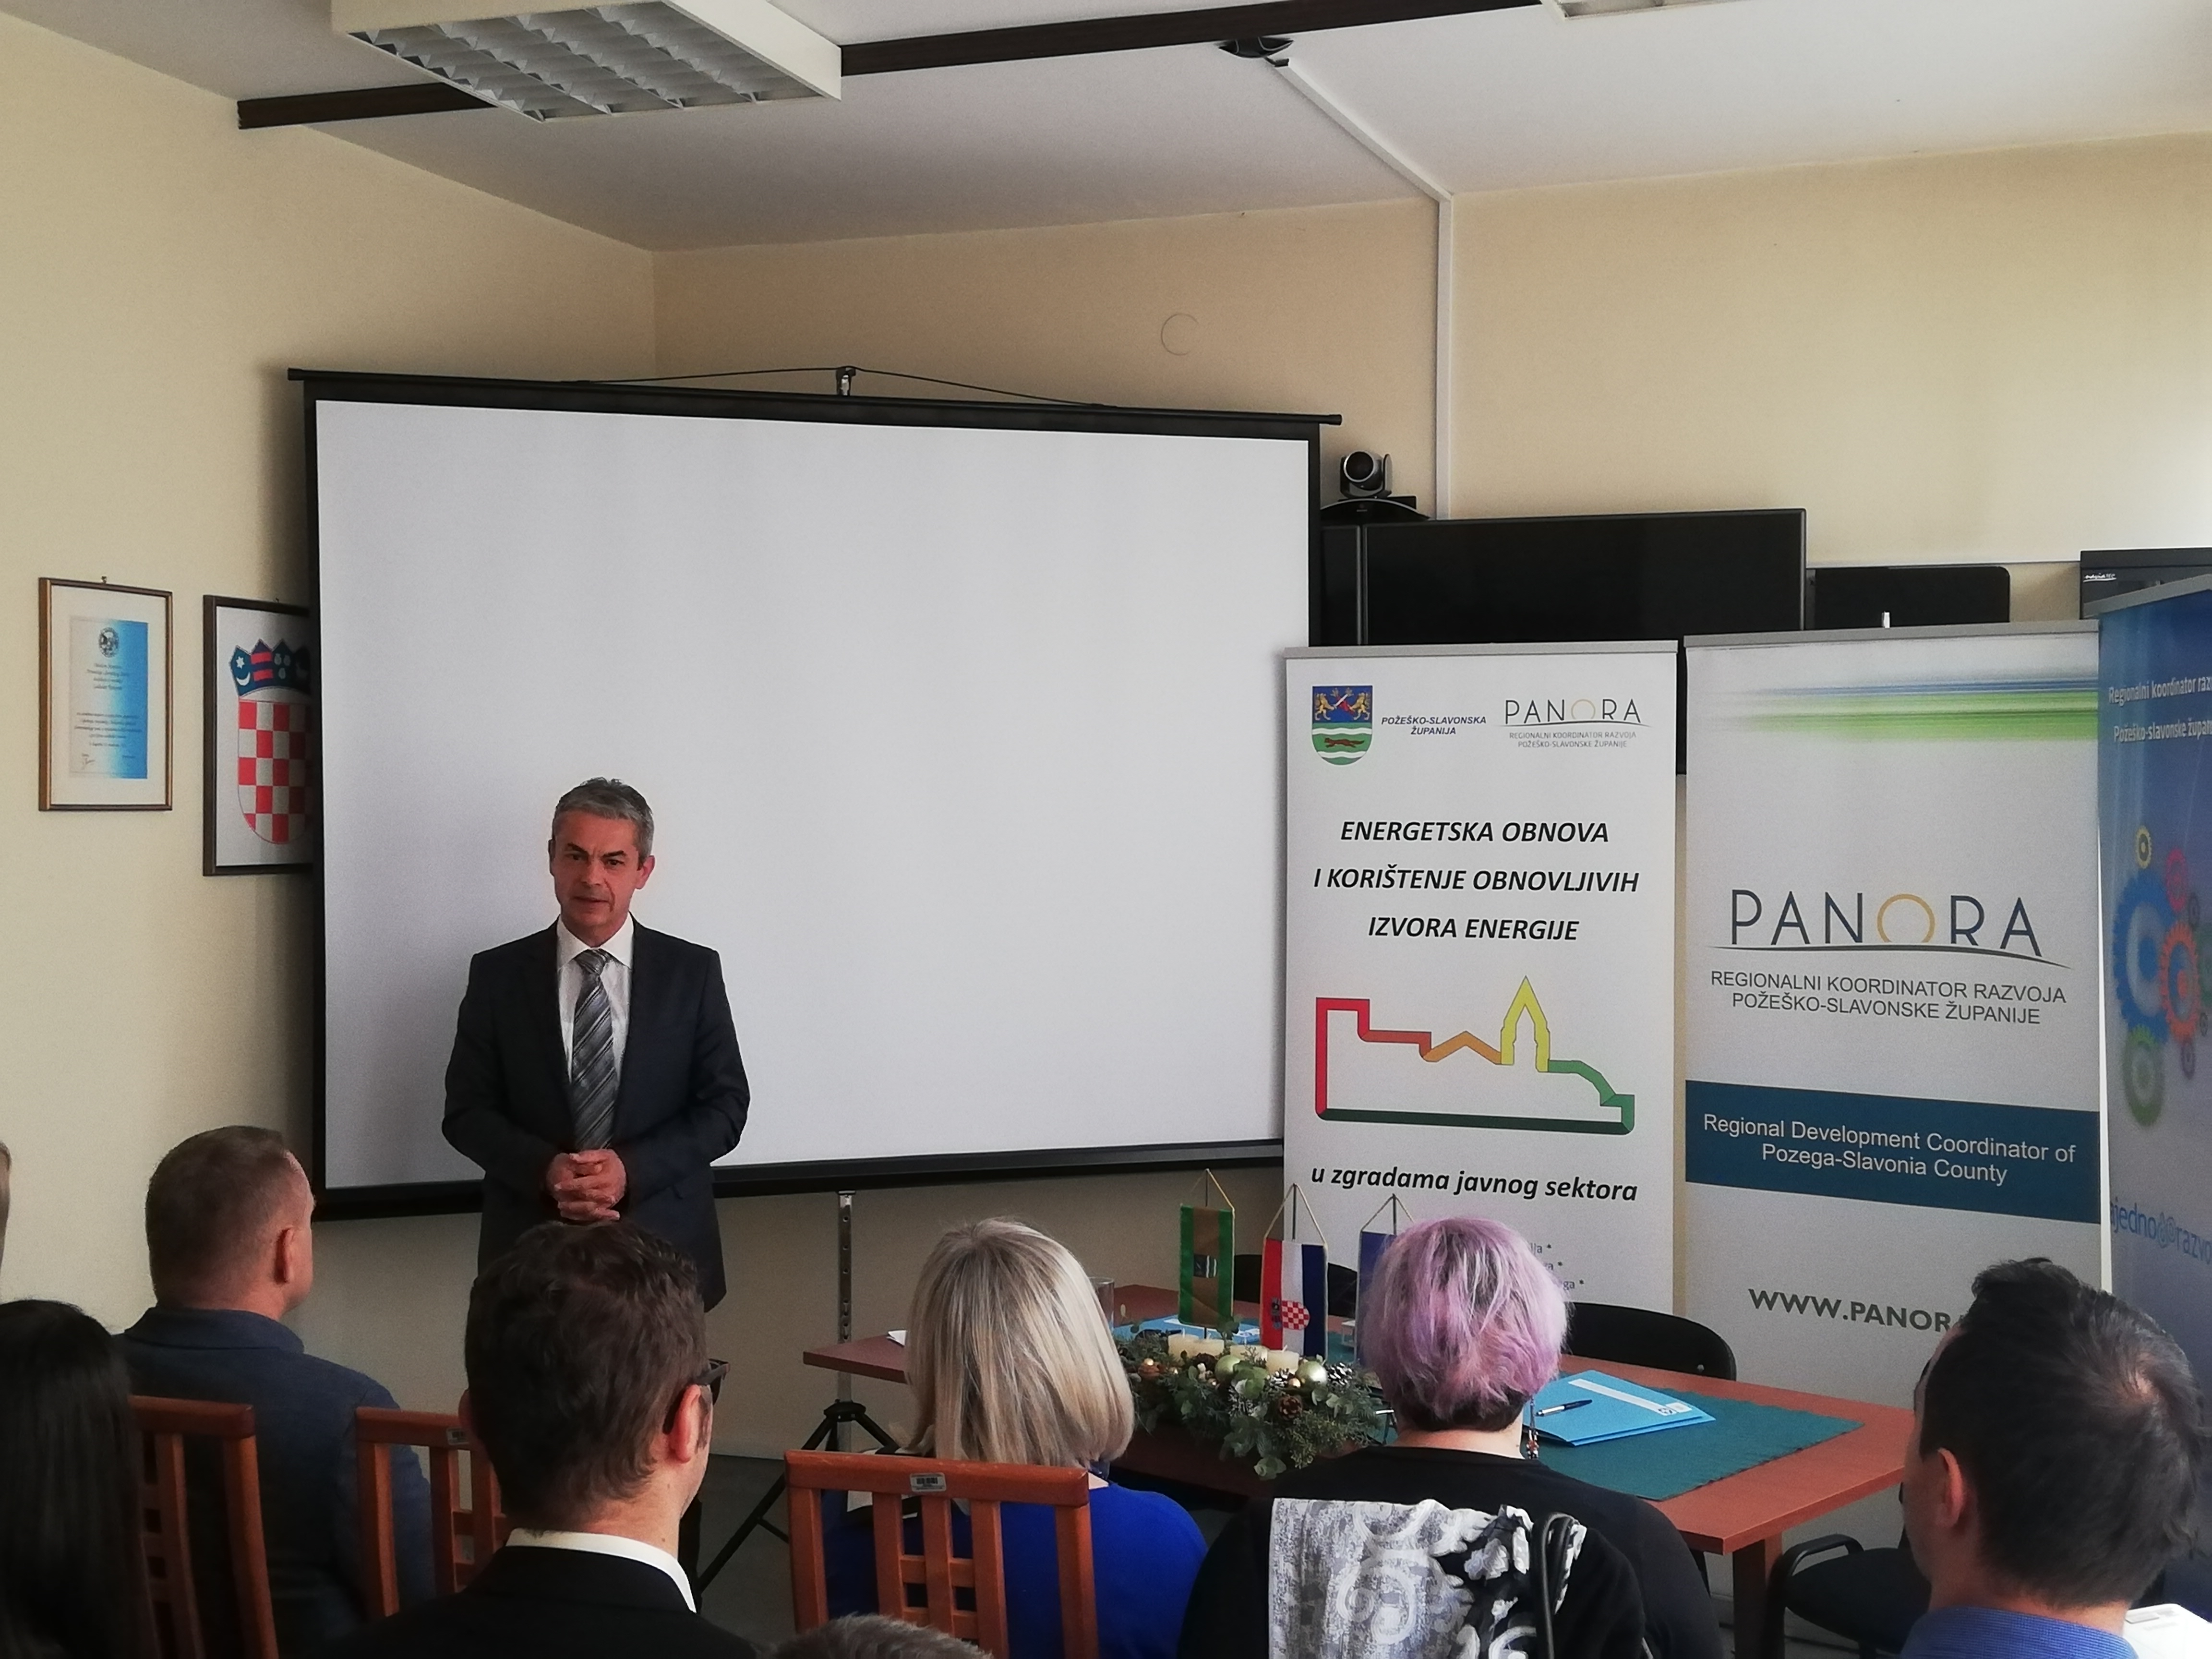 Pomoćnik ministra regionalnoga razvoja i fondova EU, Davor Huška